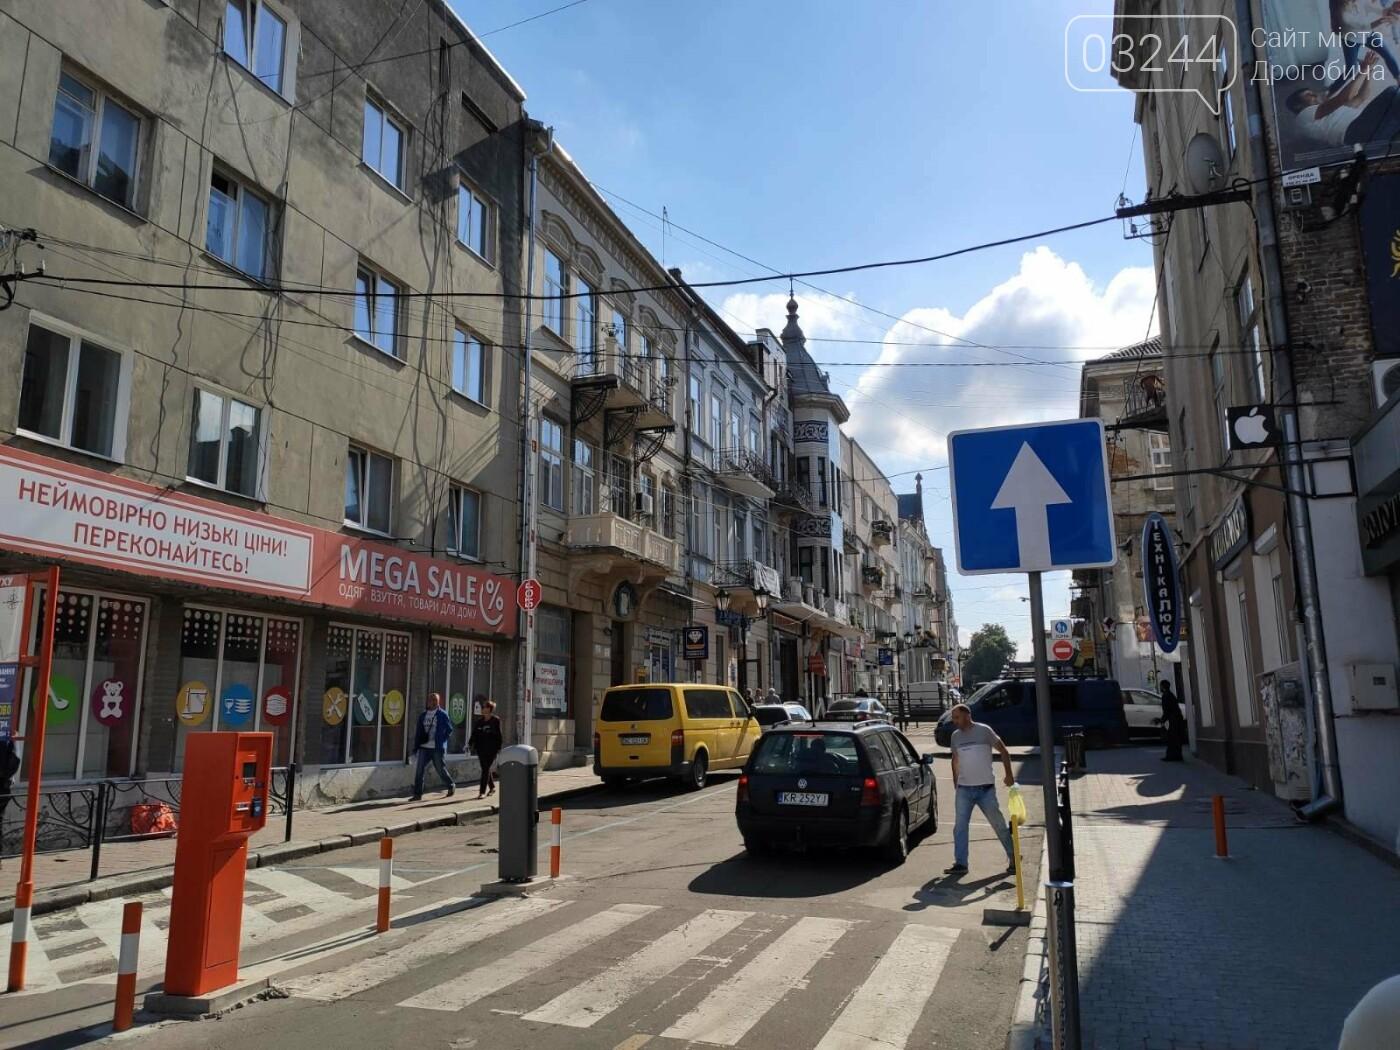 Фото дня. У Дрогобичі, на вулиці Мазепи, знову не працює шлагбаум паркувальної системи, фото-5